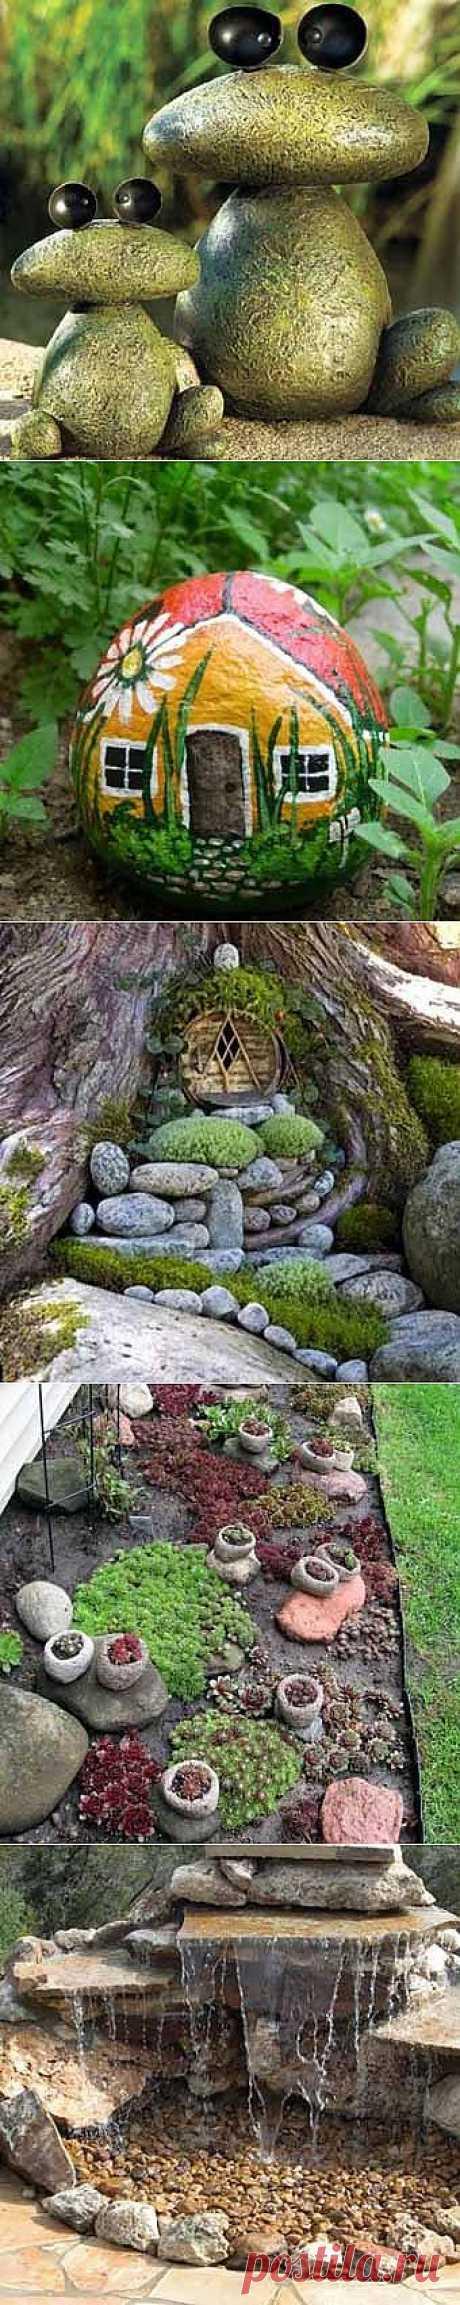 Идеи для дачи: необычный дизайн из камней | ОГОРОД БЕЗ ХЛОПОТ